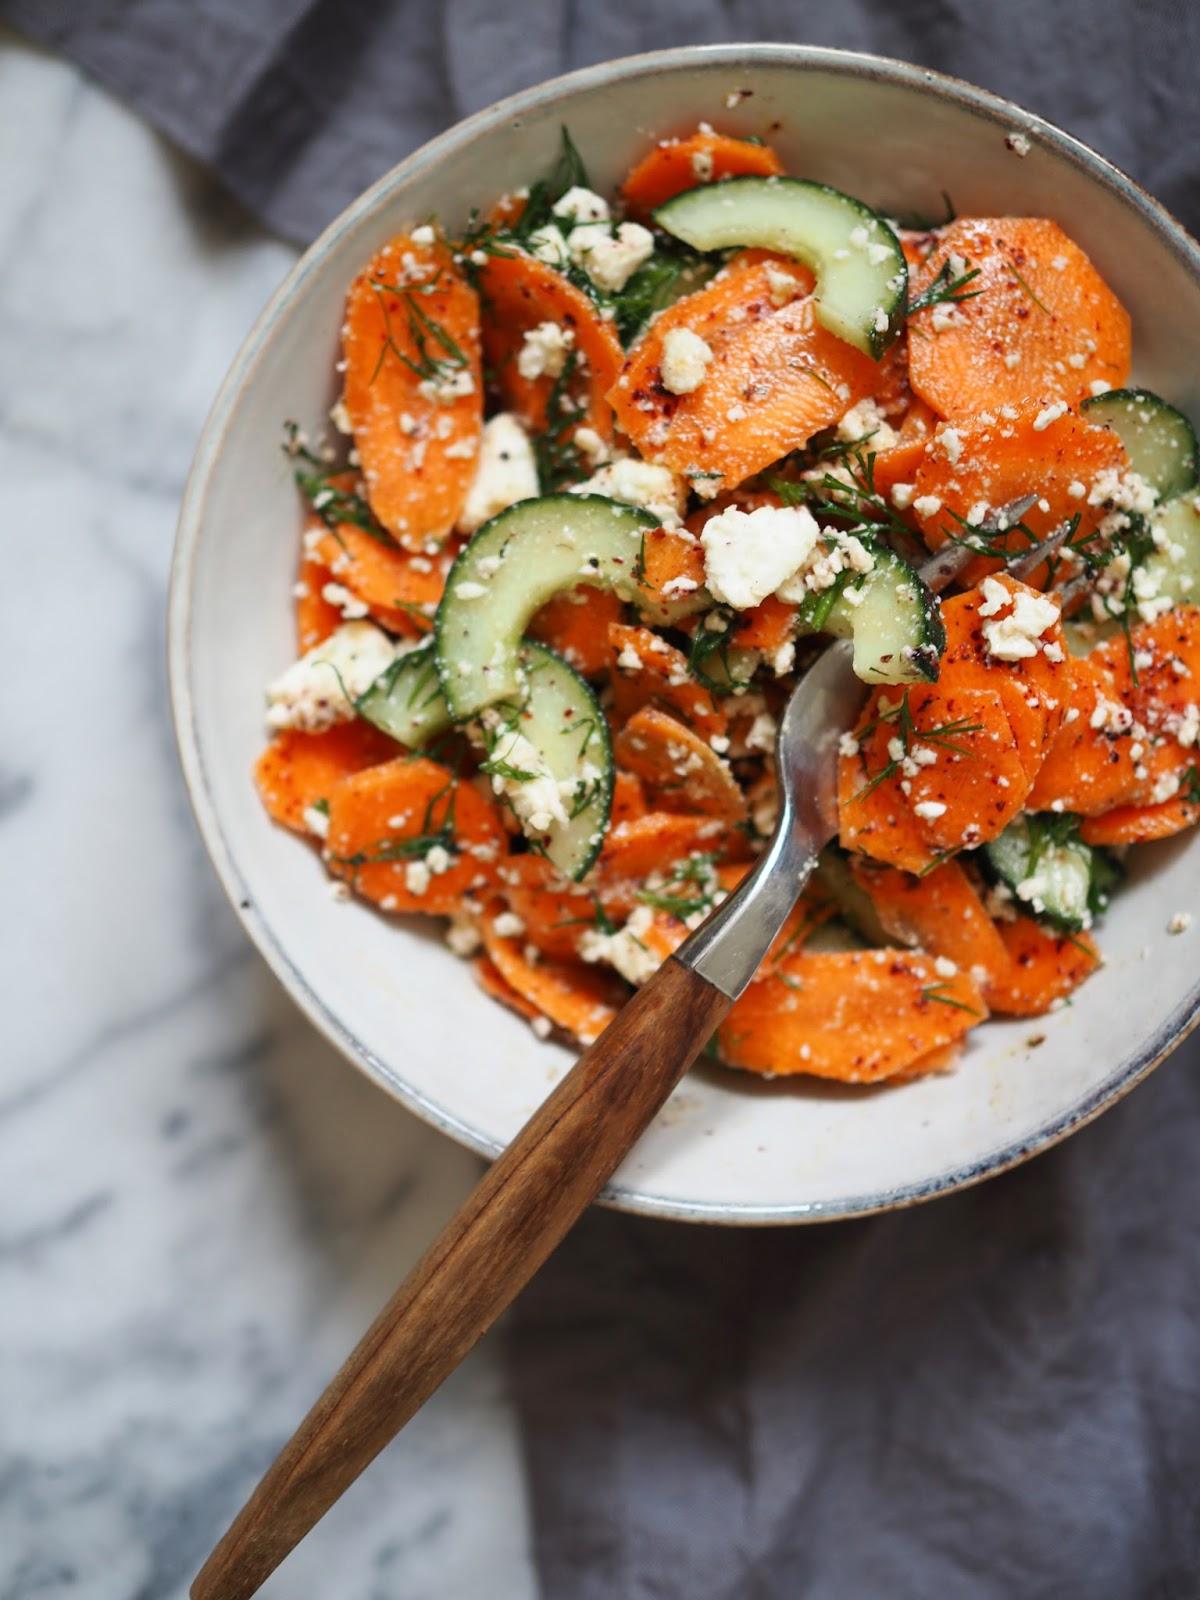 Sumakilla maustettu porkkanasalaatti, feta-prkkanasalaatti, Lähi-idän porkkanasalaatti